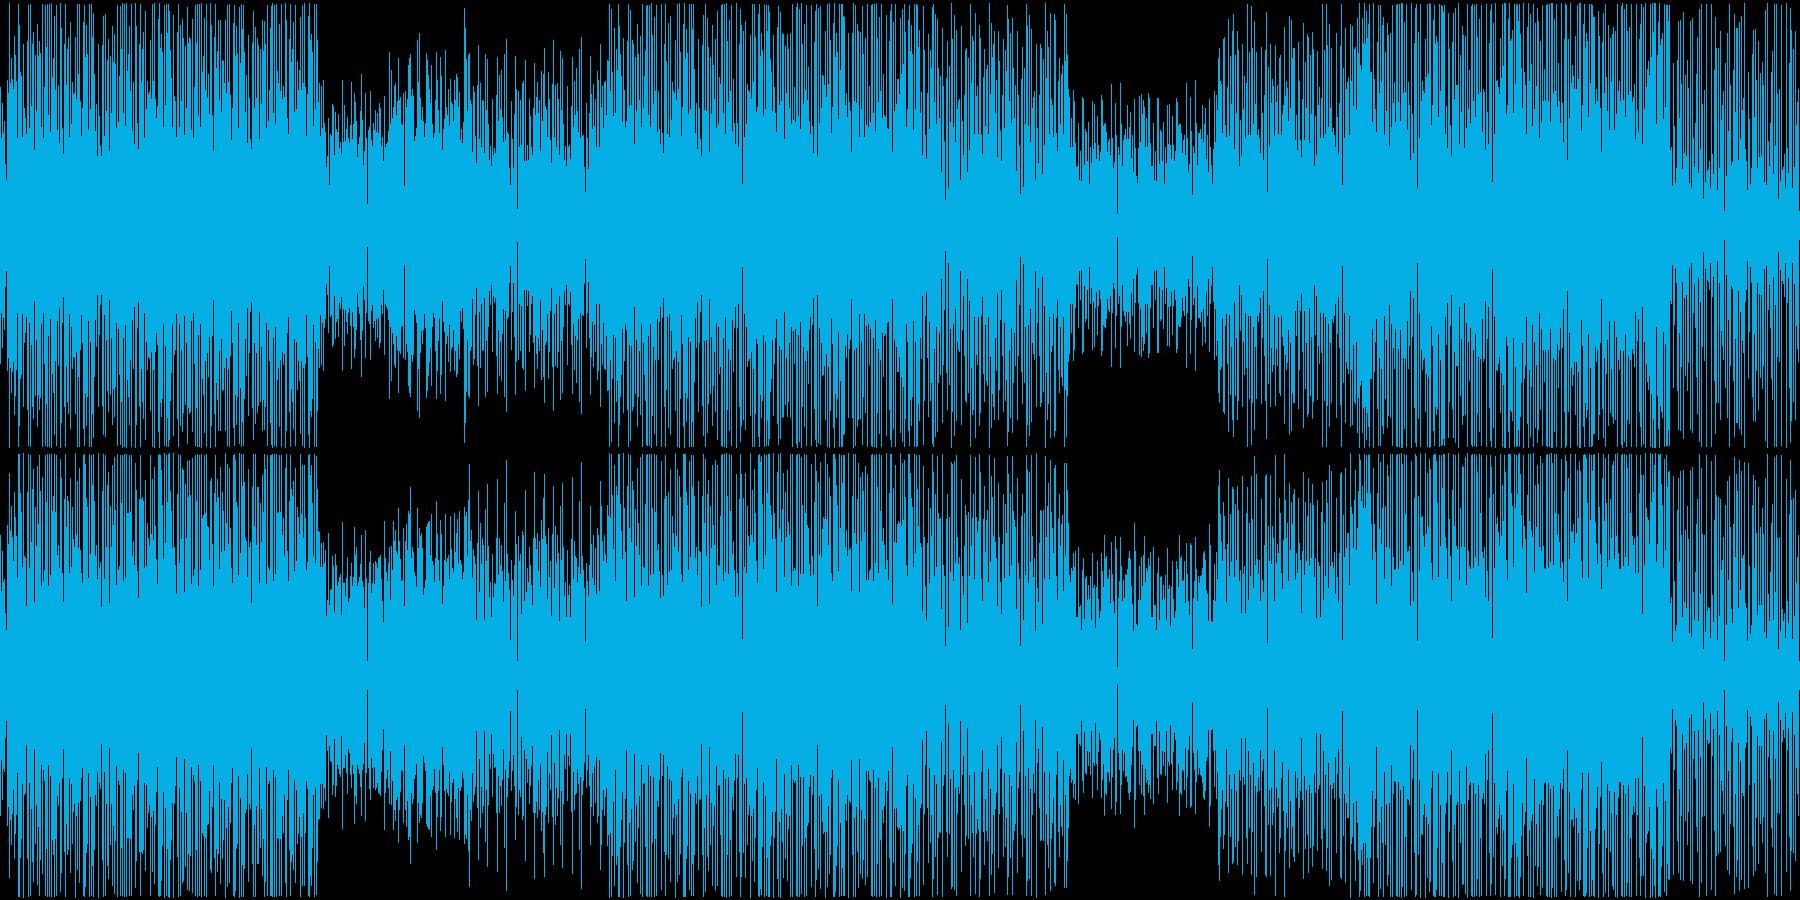 ファンク ヒップポップ バラエティー の再生済みの波形